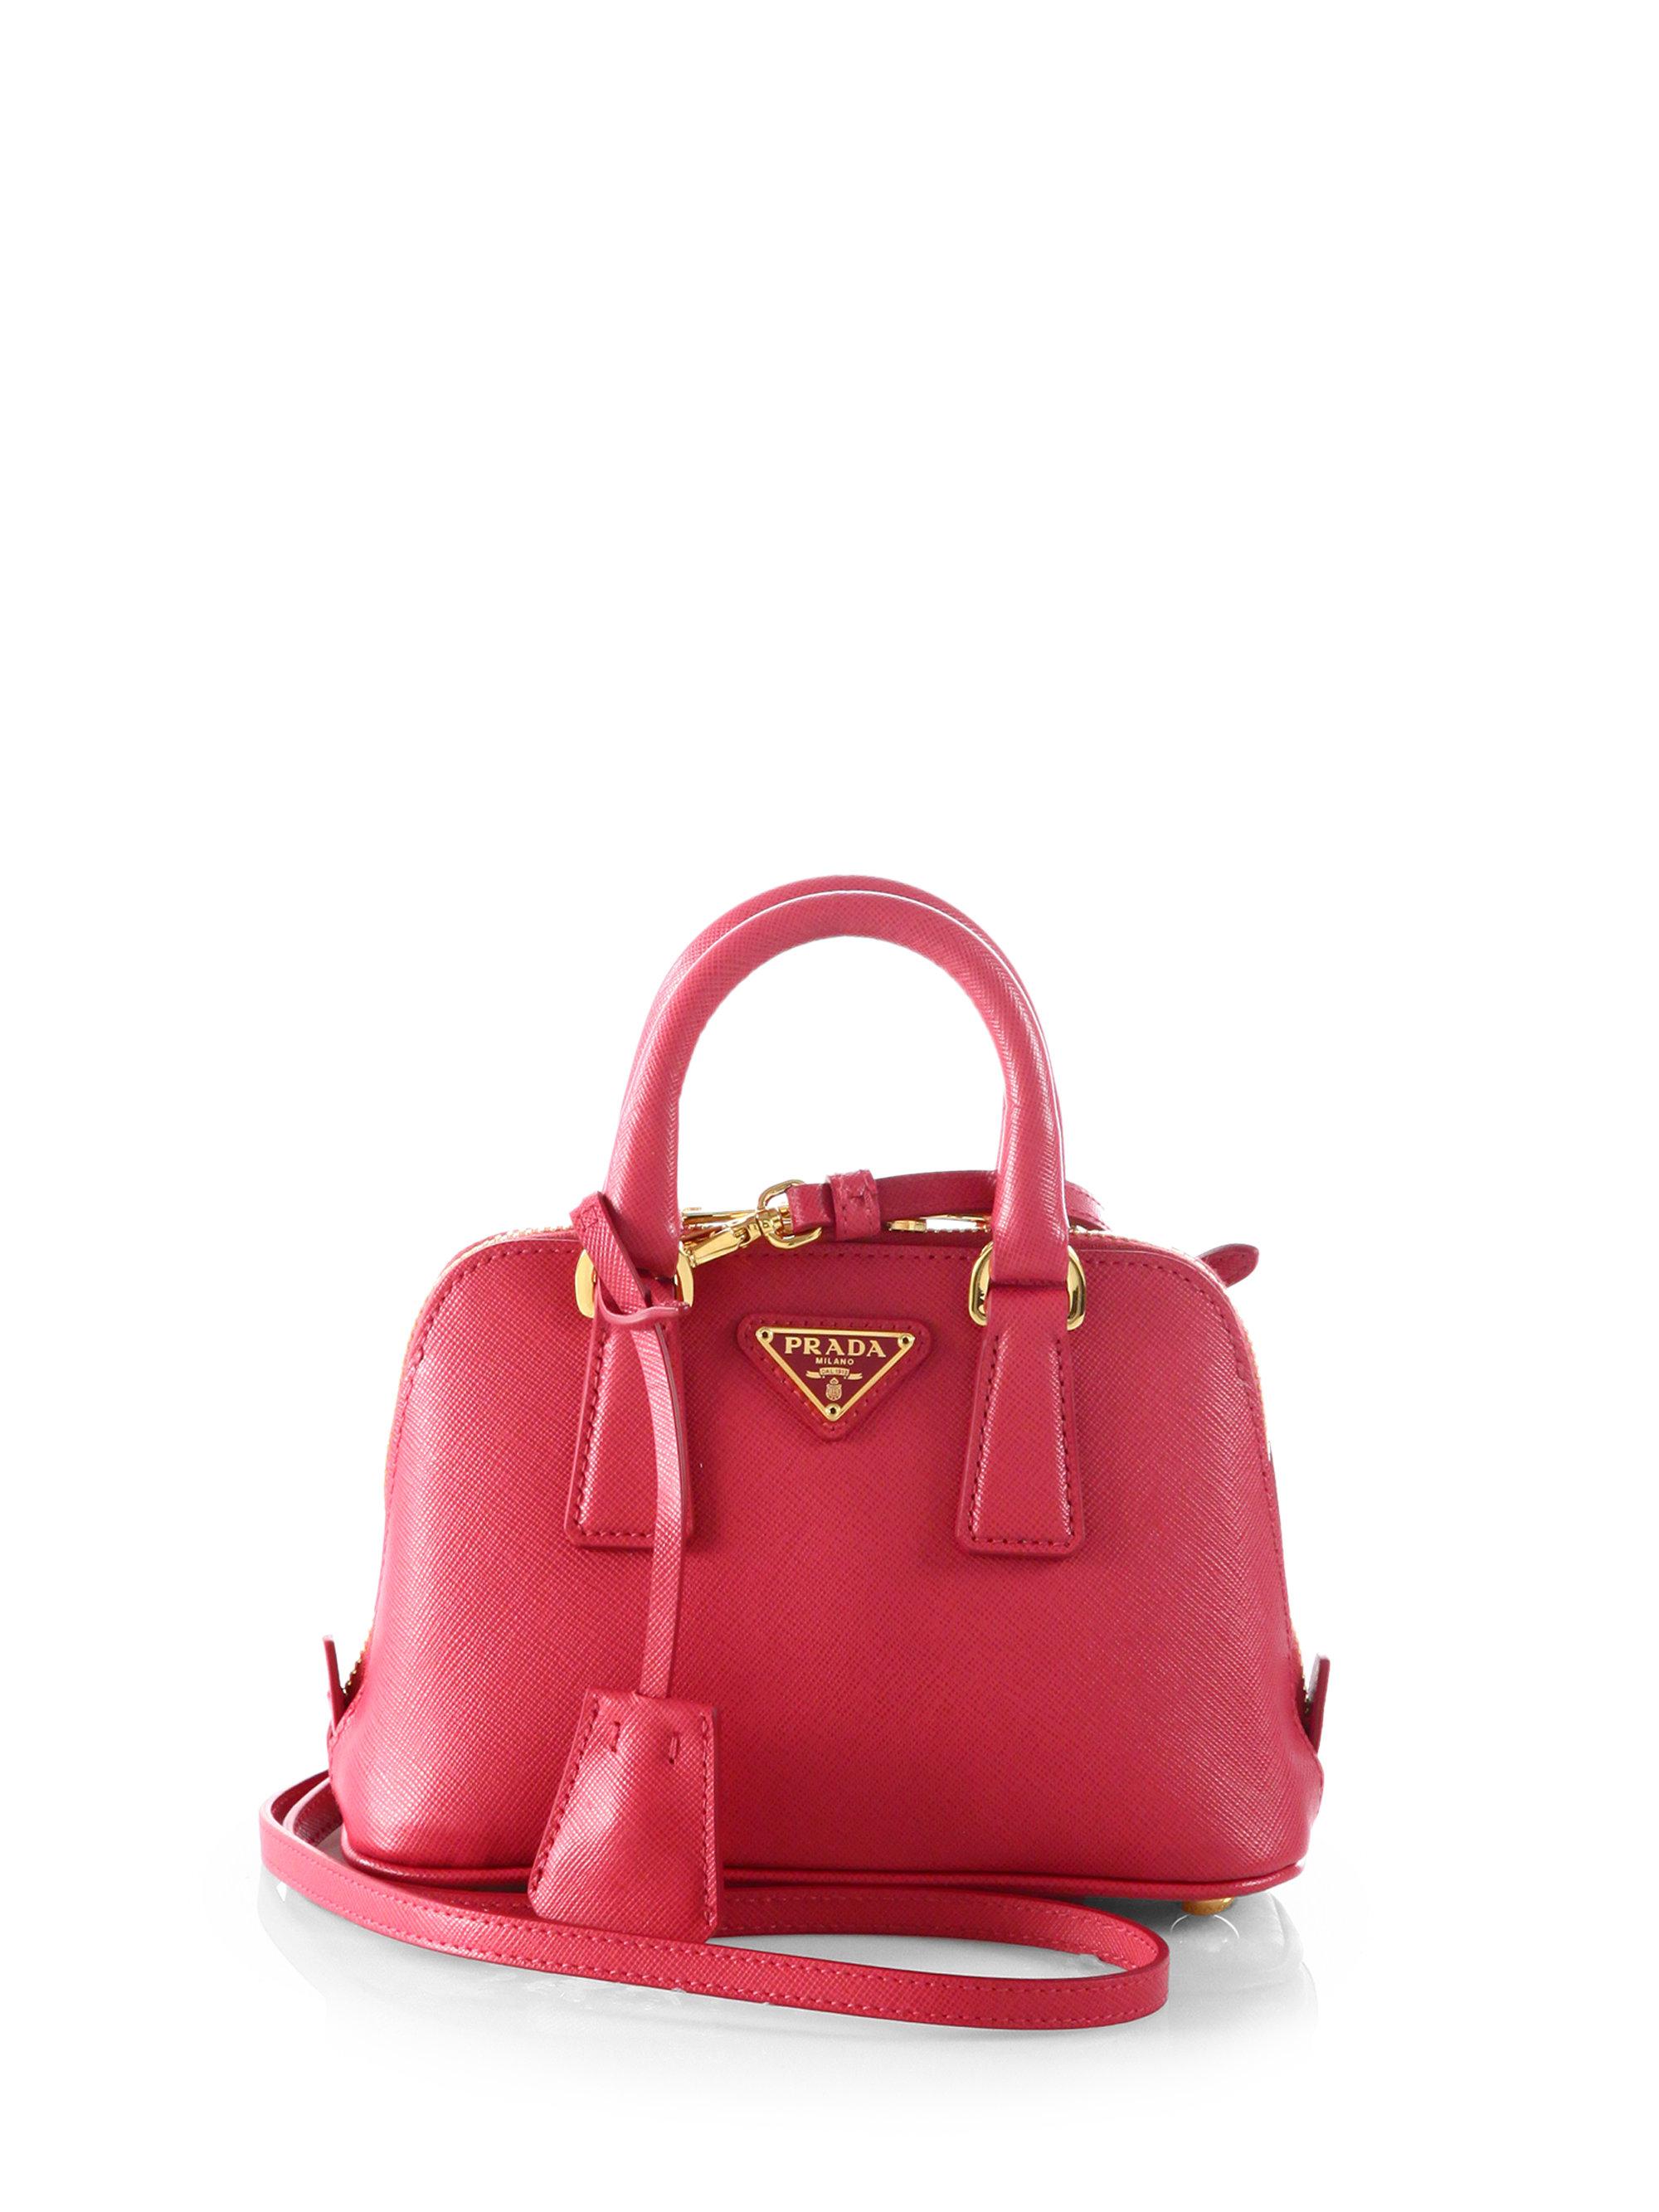 dd546d93ed59 ... shoulder bag reebonz 8a372 c5bea new zealand lyst prada saffiano lux  double handle mini satchel in pink 6f57d 419b8 ...